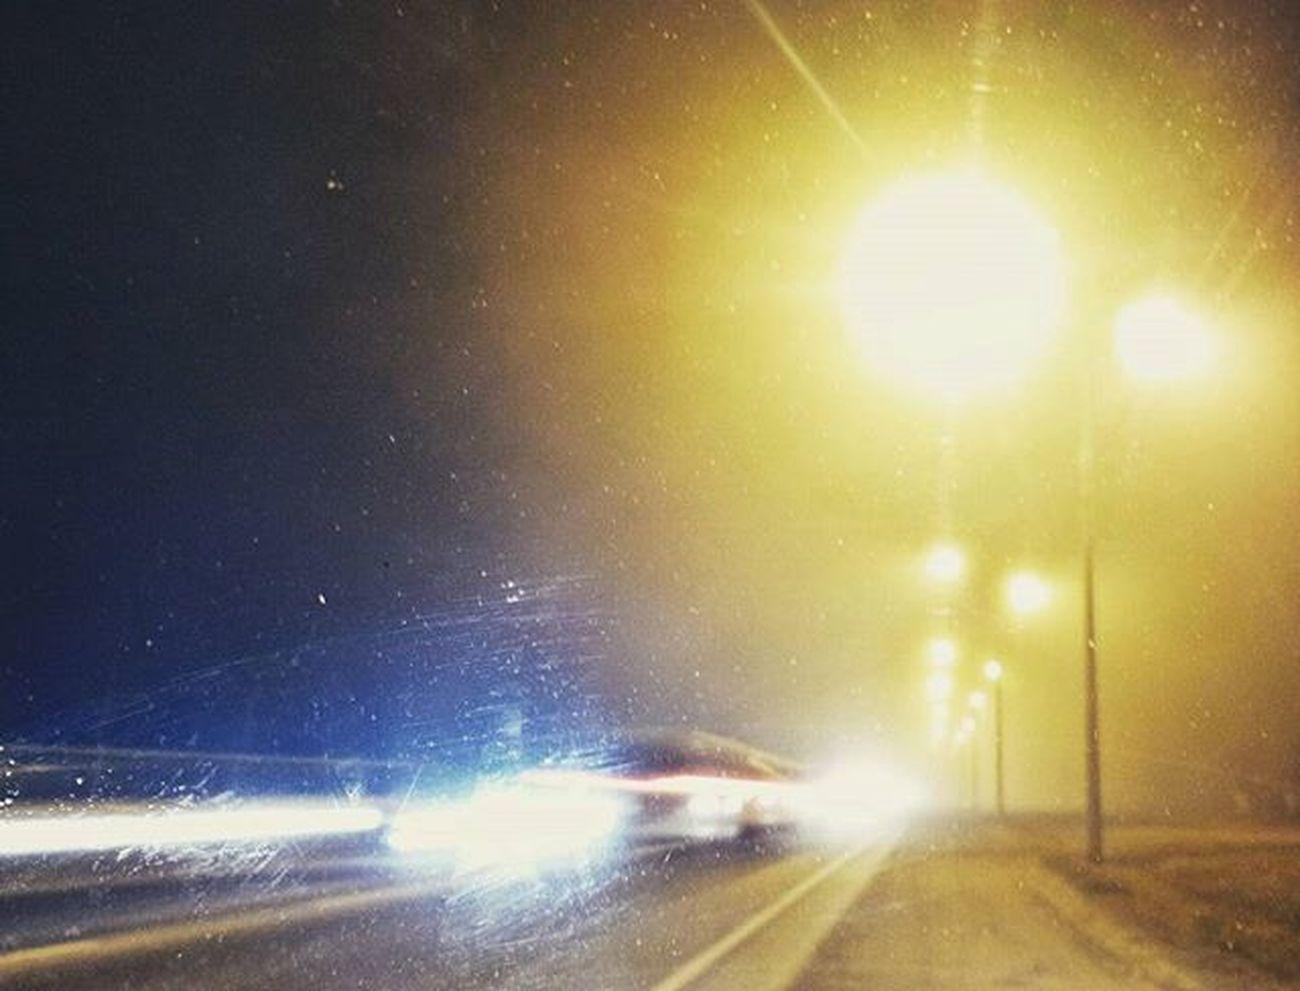 зима туман штиль тепло Дождь гром и молнии Анапа норма 👌 Wigandt_photo Wigandt Kzoom краснодарскийкрай Россия дороги Highway Night югРоссии зиманаюге январь красотавовсем Природа Fog Road Nightcity lightandshadow ночь weather погода класснаяпогода